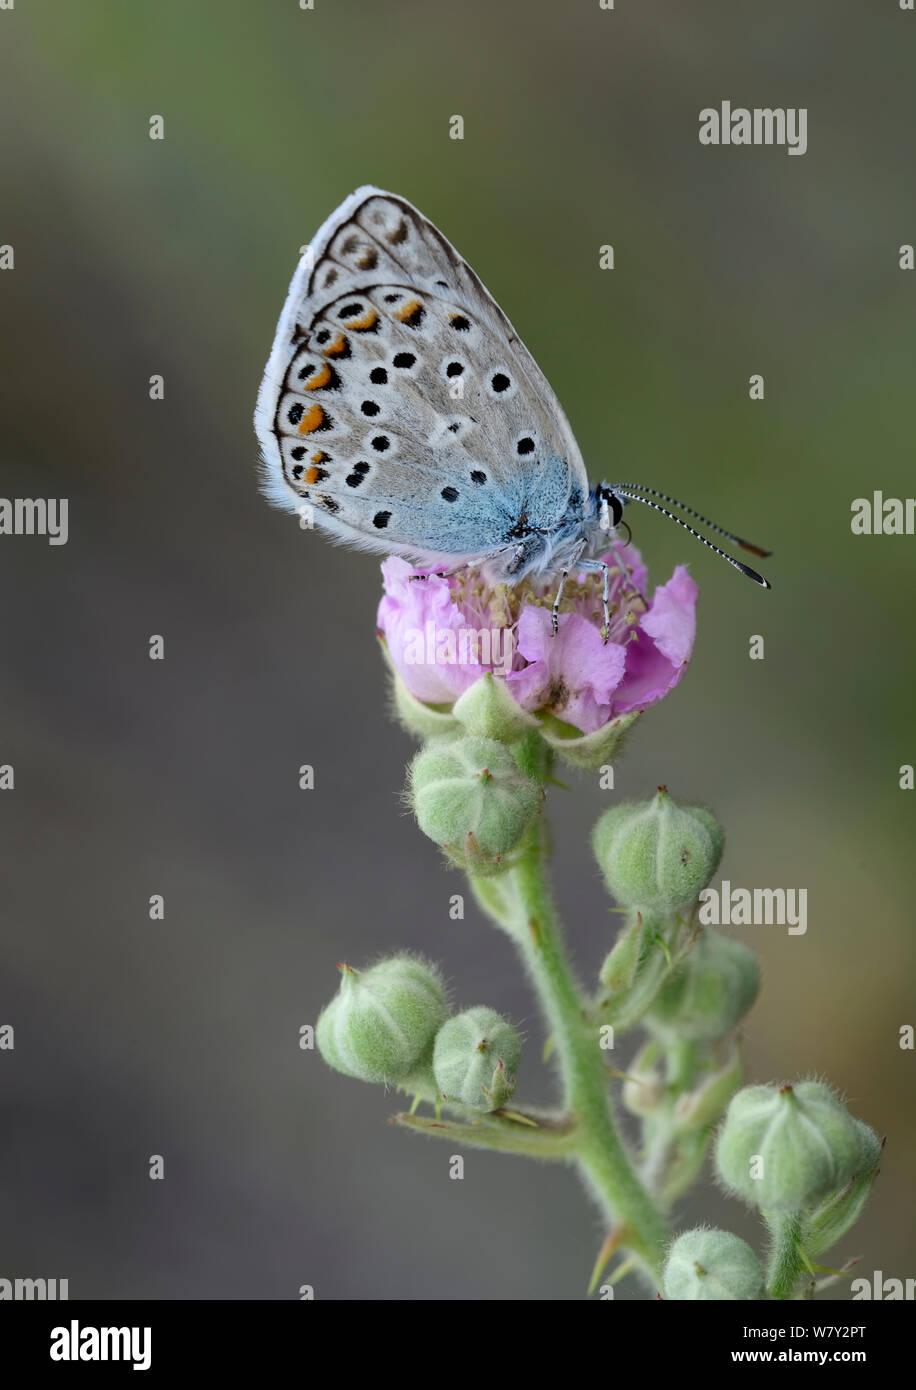 Mariposa Azul común (Polyommatus icarus) Fort de Rimplas, Parque Nacional de Mercantour, Provenza, Francia, en junio. Foto de stock